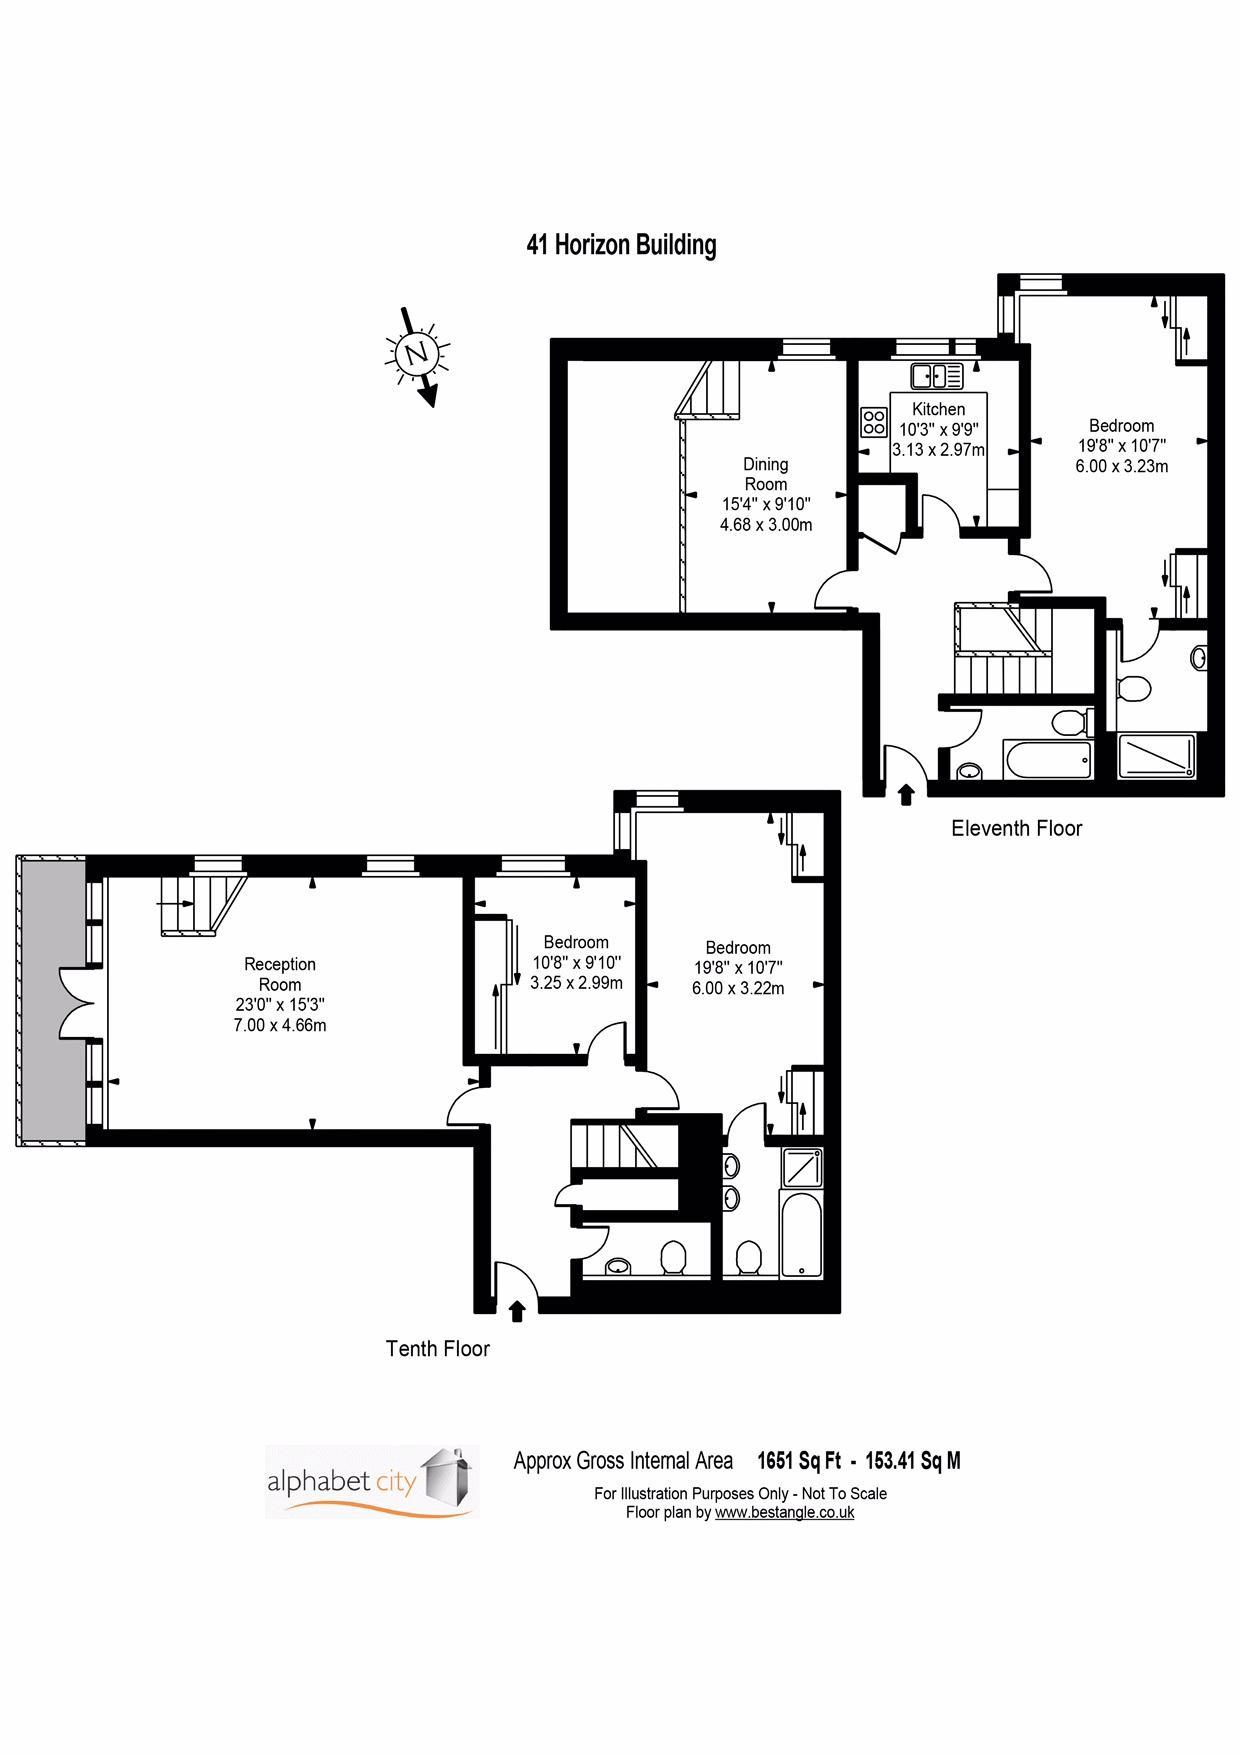 41 Horizon Floor plan